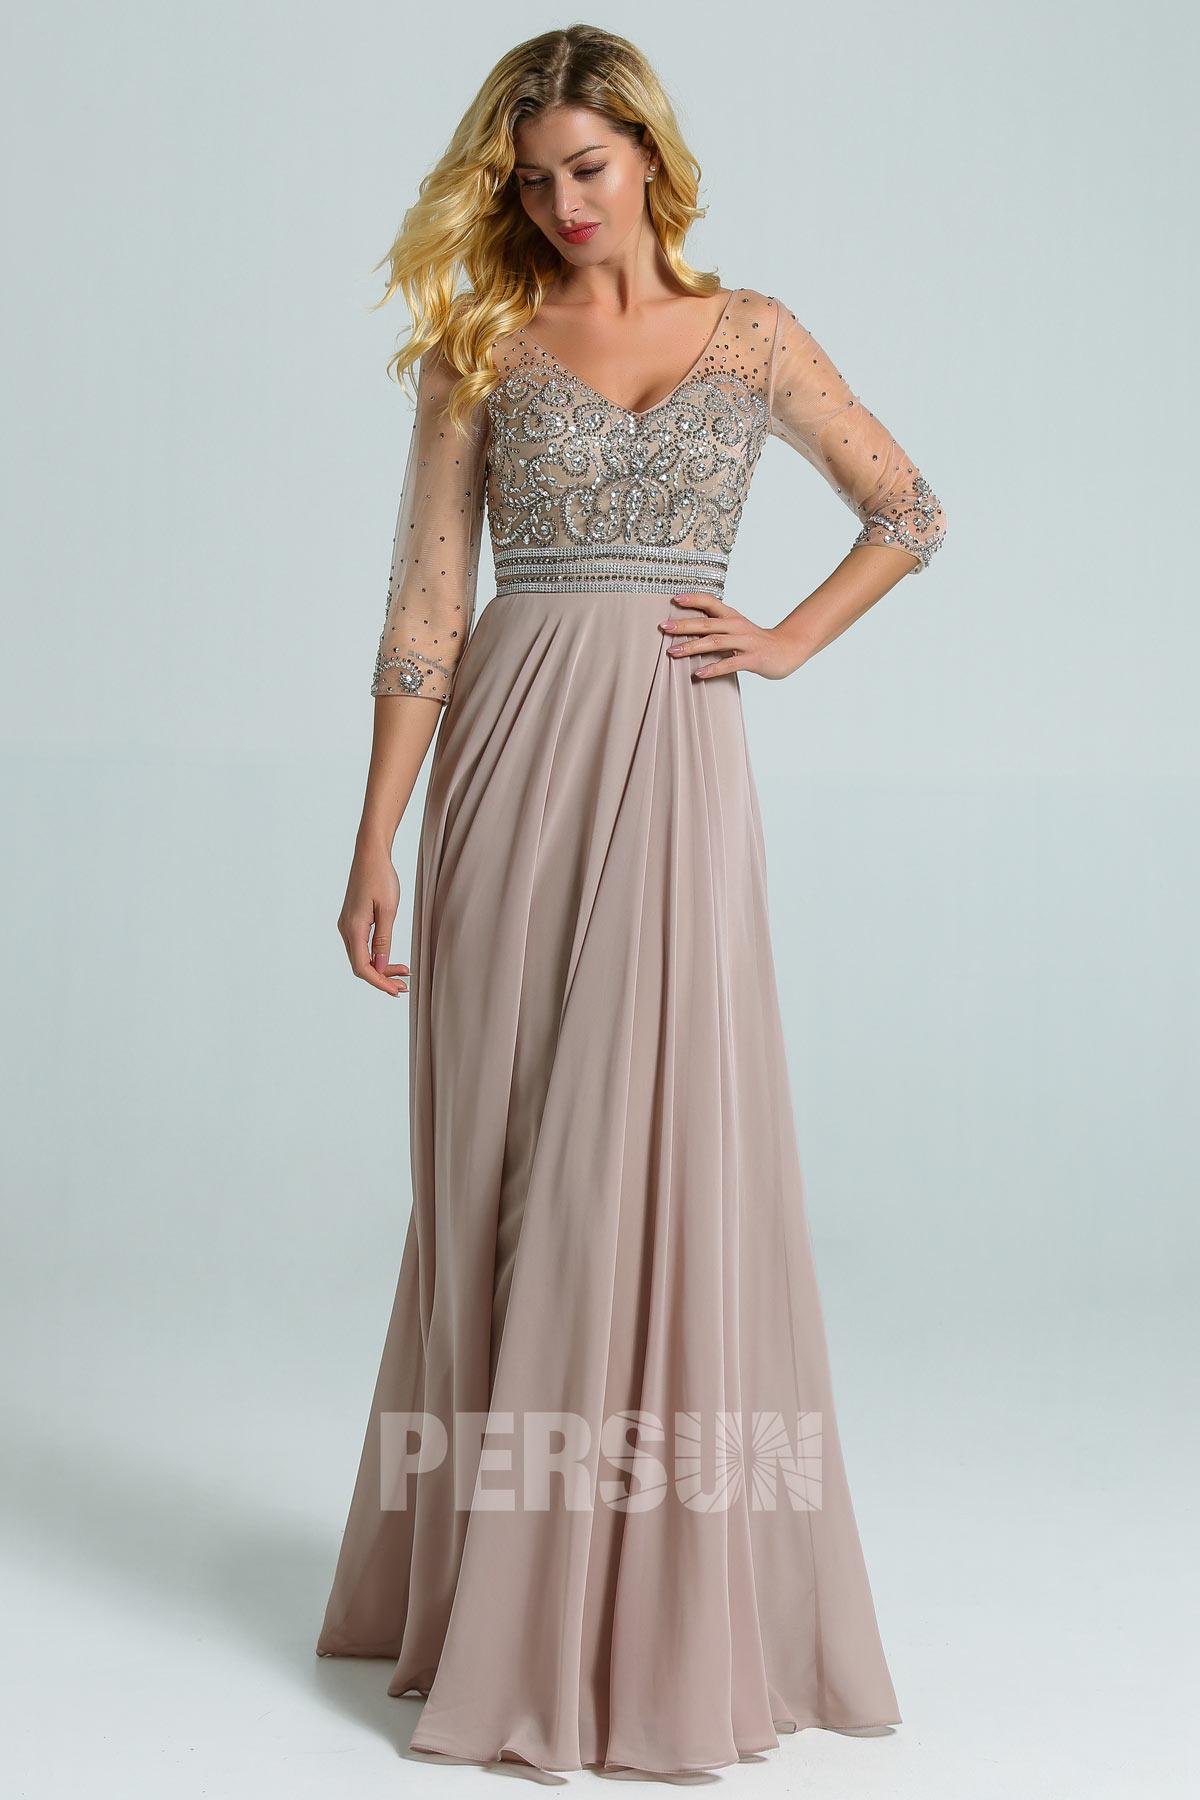 robe de soirée longue taupe grise haut embelli de bijoux à manche mi-longue transparente